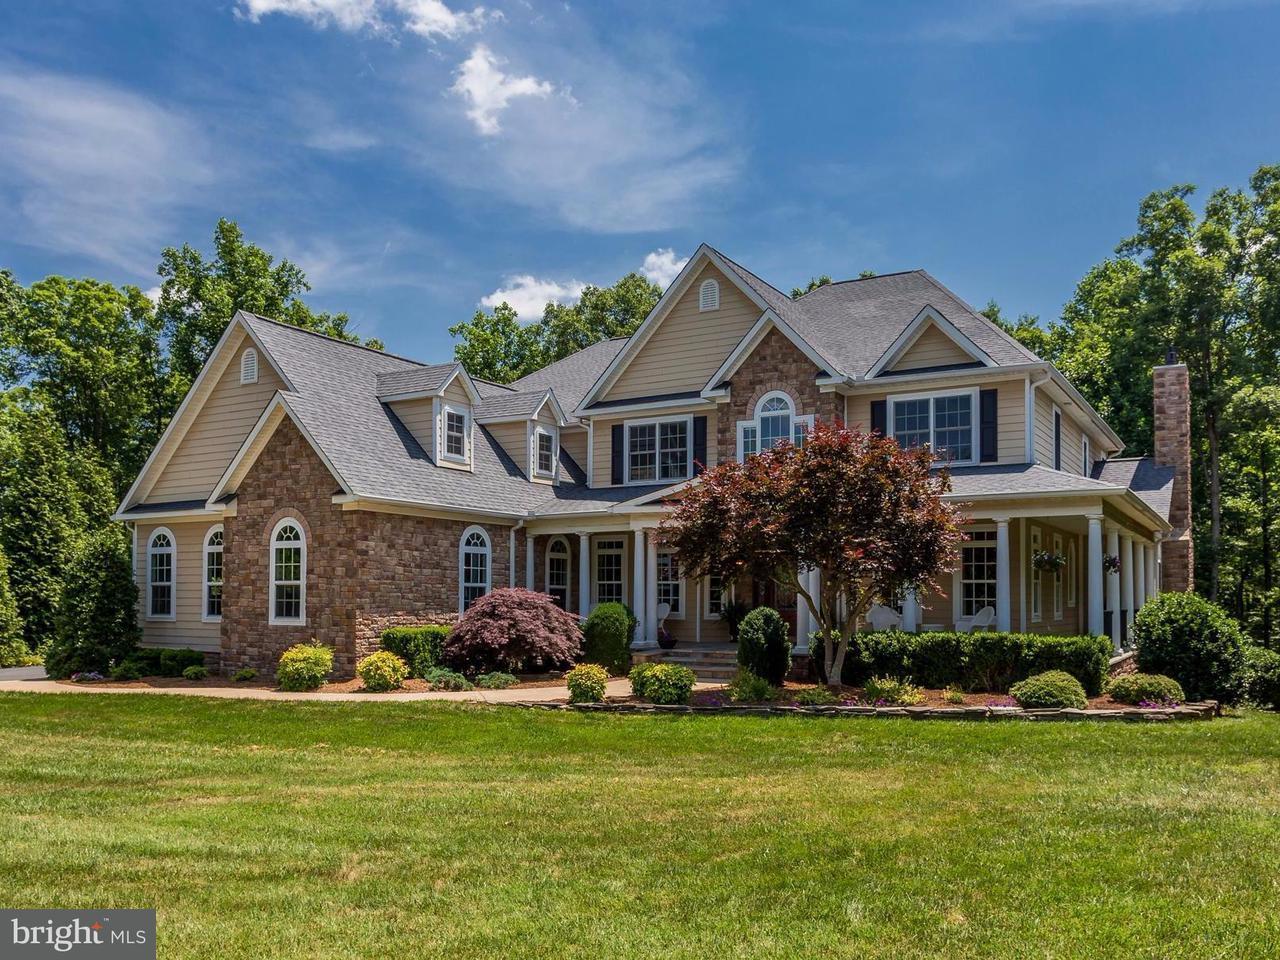 Частный односемейный дом для того Продажа на 11404 Bluffs Ridge 11404 Bluffs Ridge Spotsylvania, Виргиния 22551 Соединенные Штаты